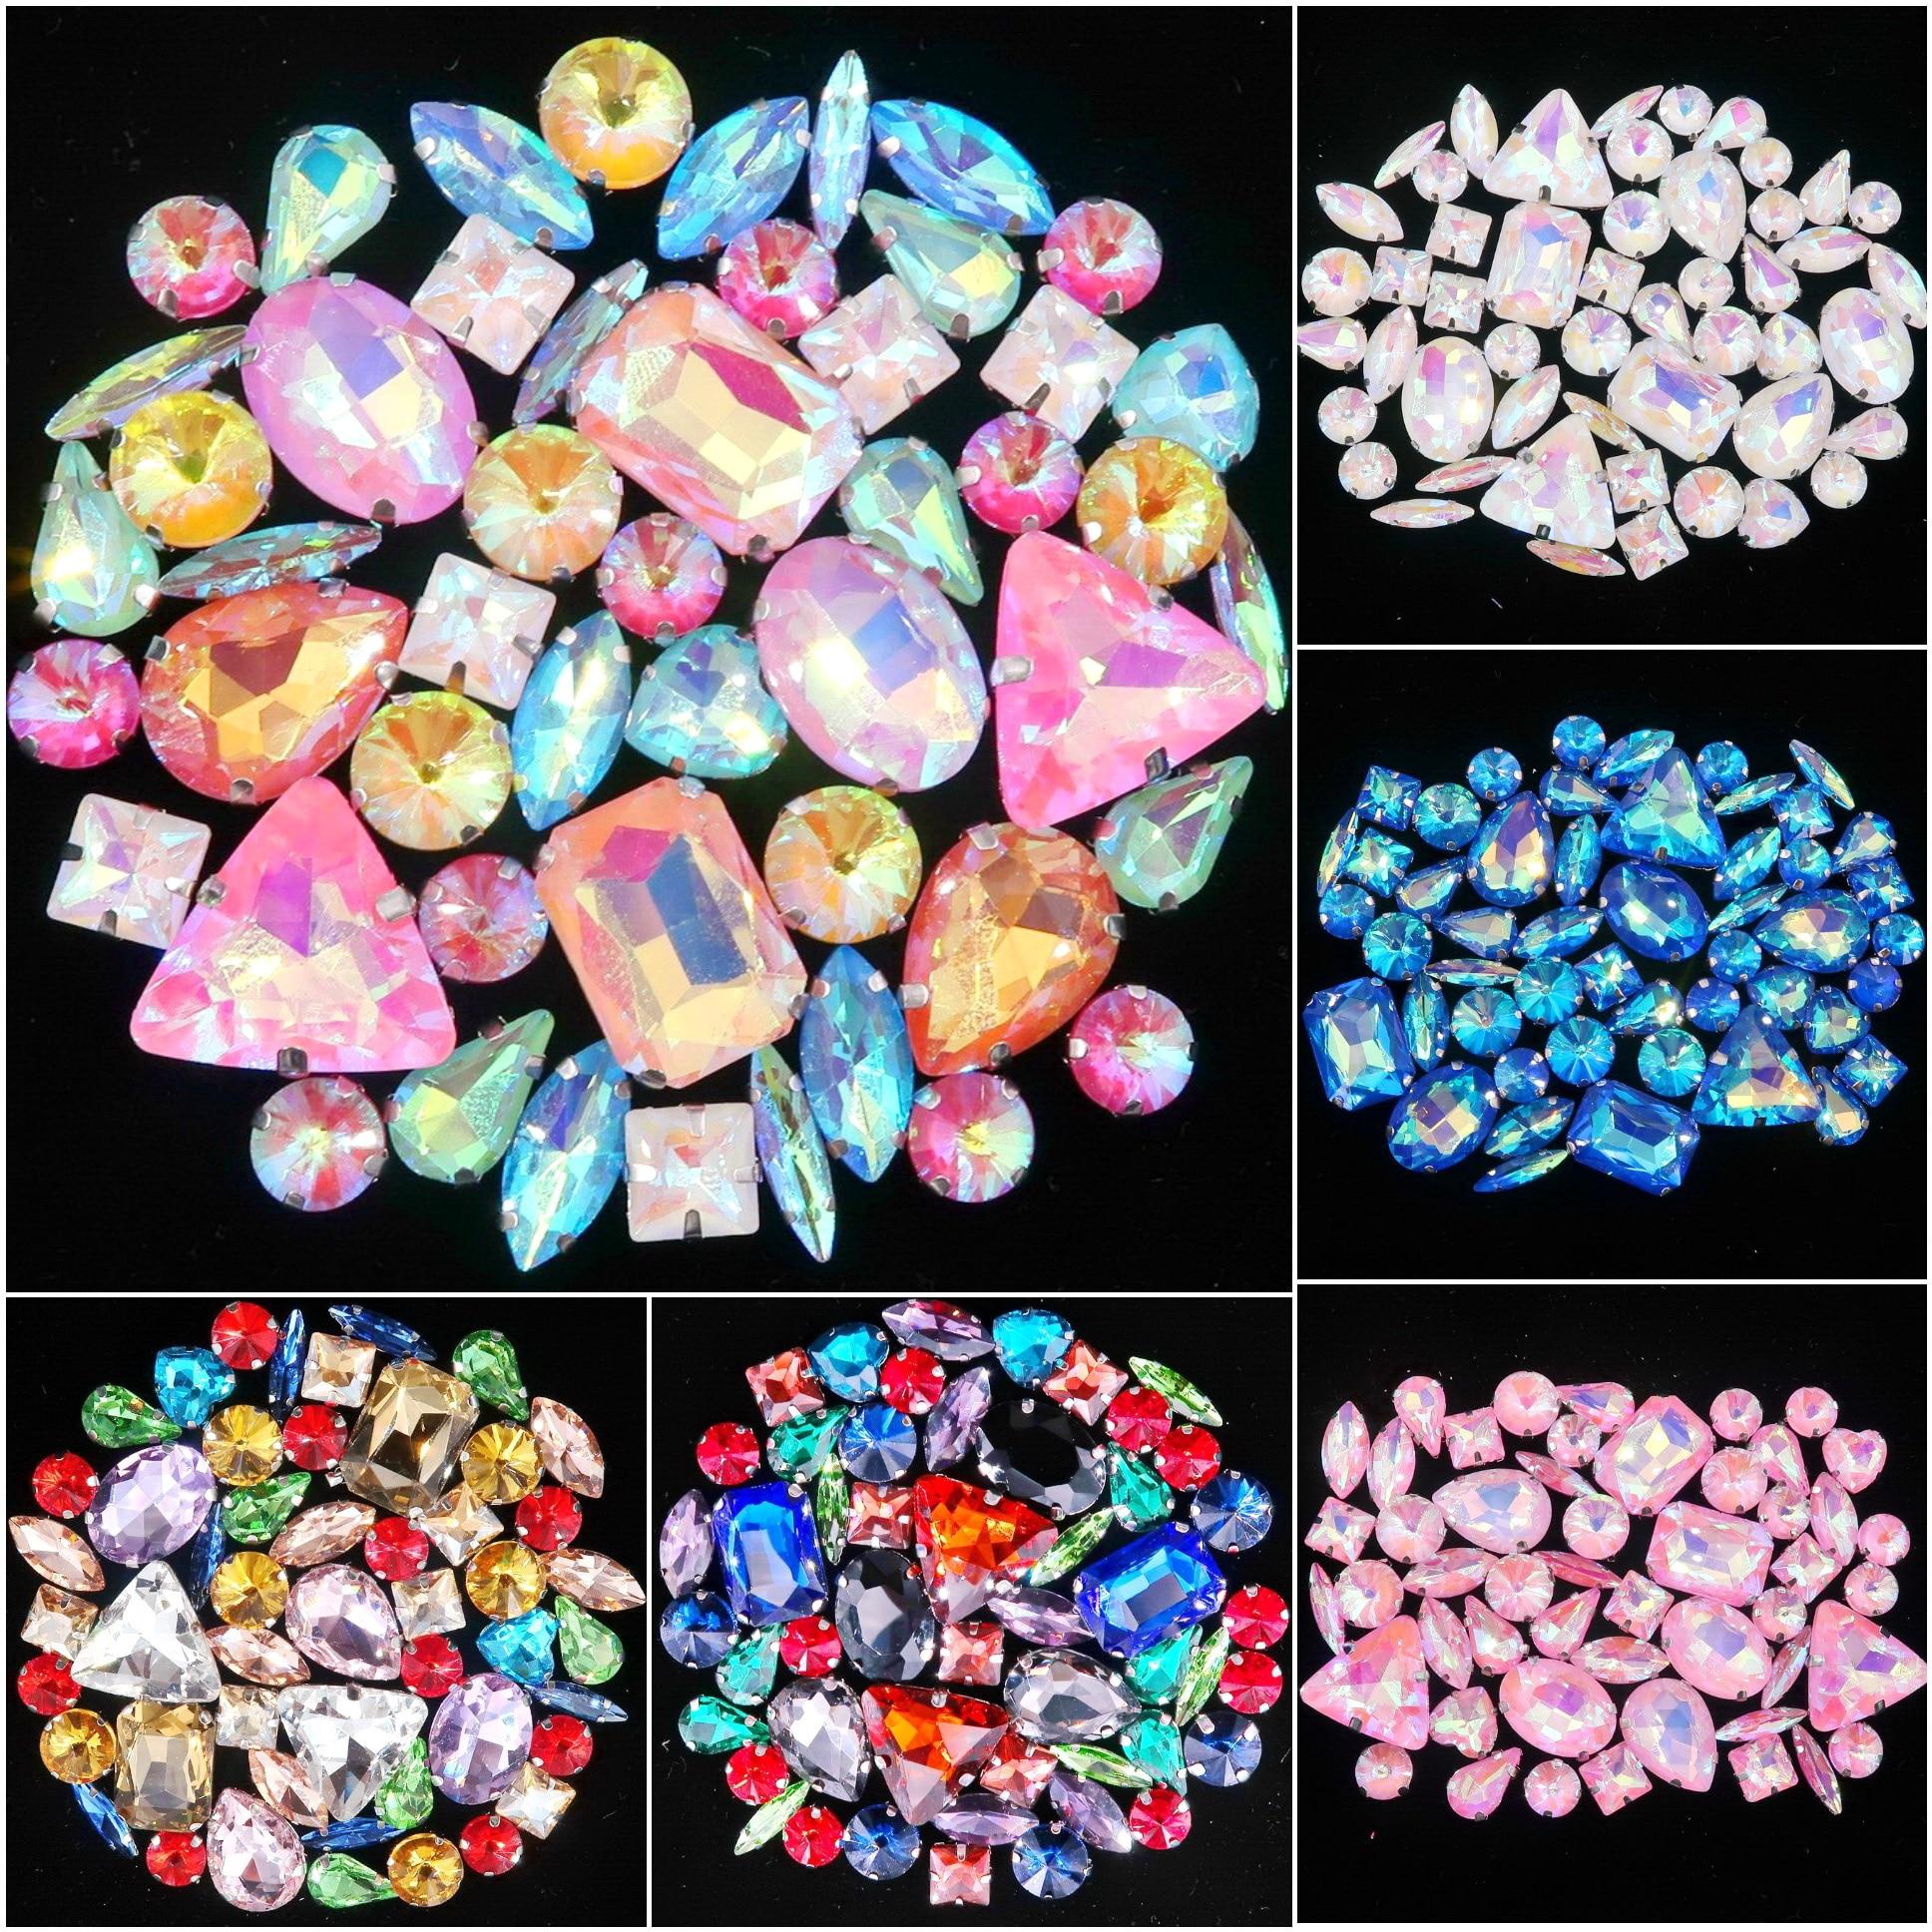 50 pçs/saco formas mix garra de prata definir clear & geléia doces ab cristal de vidro costurar em strass vestido de casamento sapatos saco diy guarnição